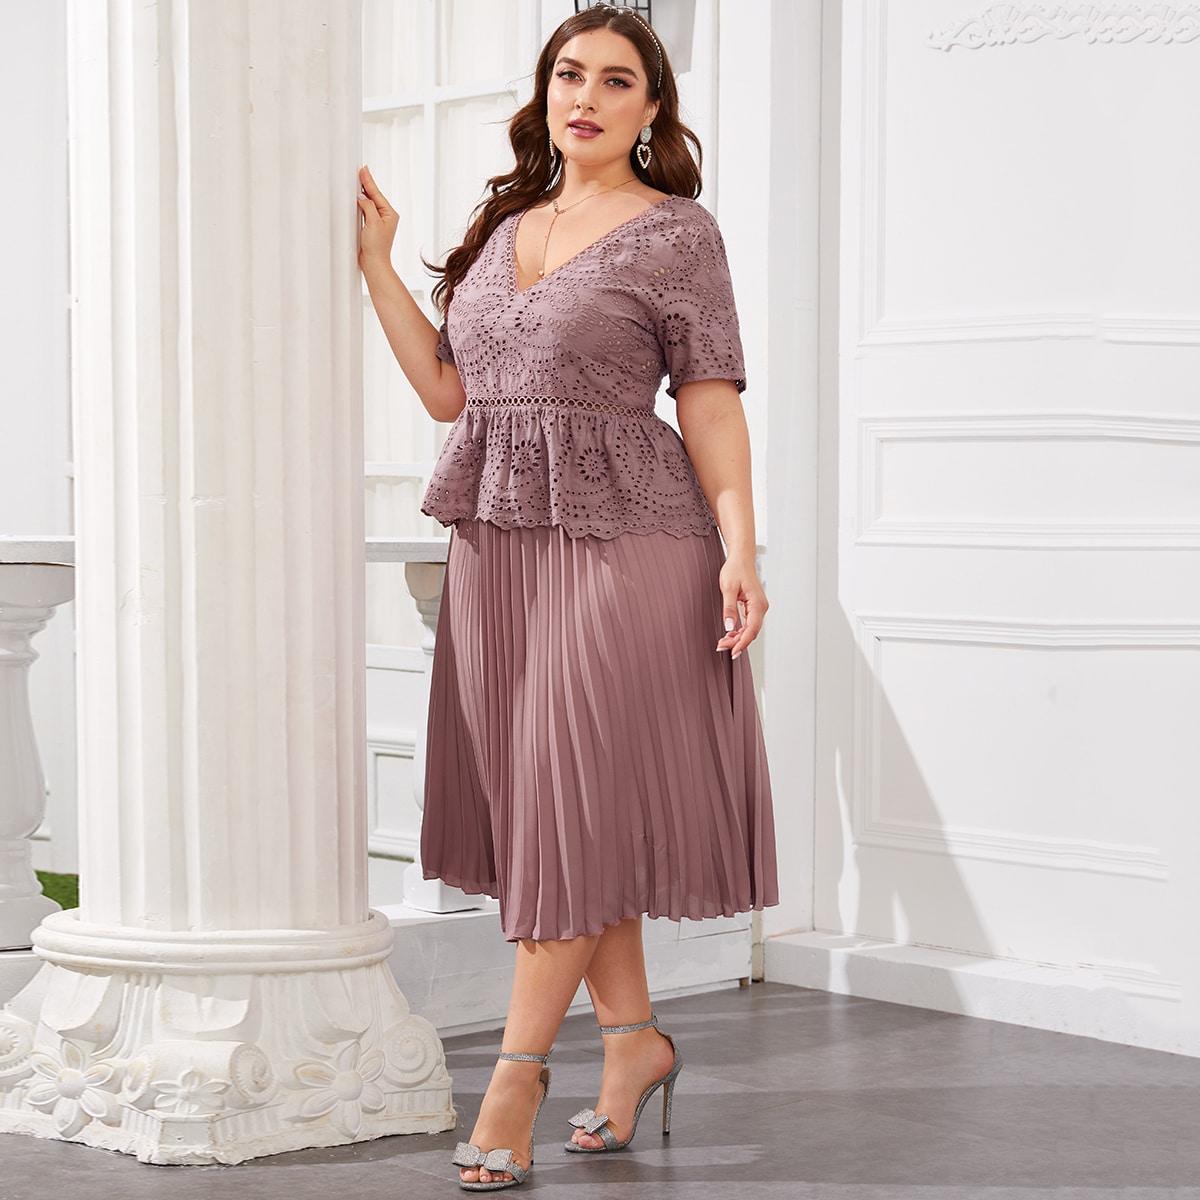 Плиссированная юбка и топ размера плюс с вышивкой фото